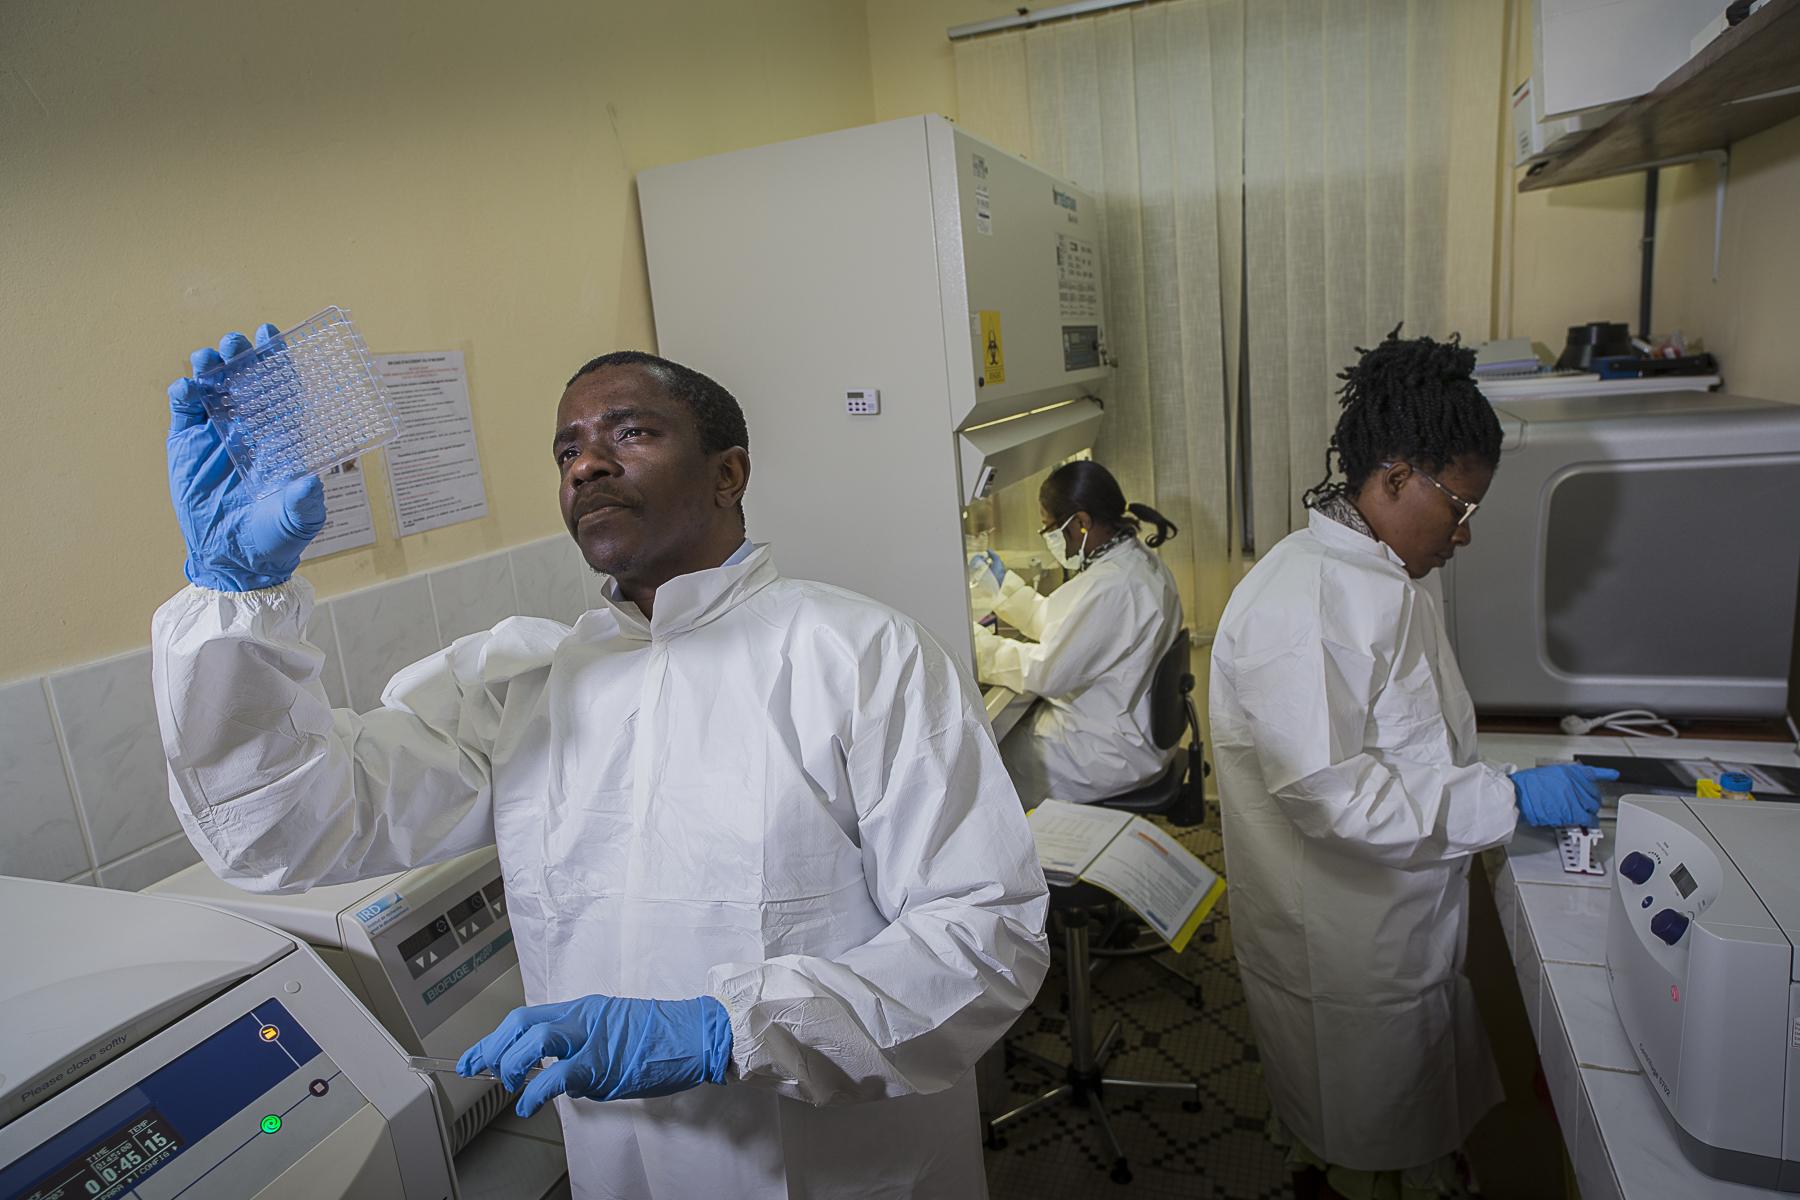 Laboratoire de virologie - VIH du CREMER/IRD.Ou l\'équipe de scientifique travail depuis 1994 sur les matières fécales des grands singes afin de remonter à la source de l\'origine du VIH.